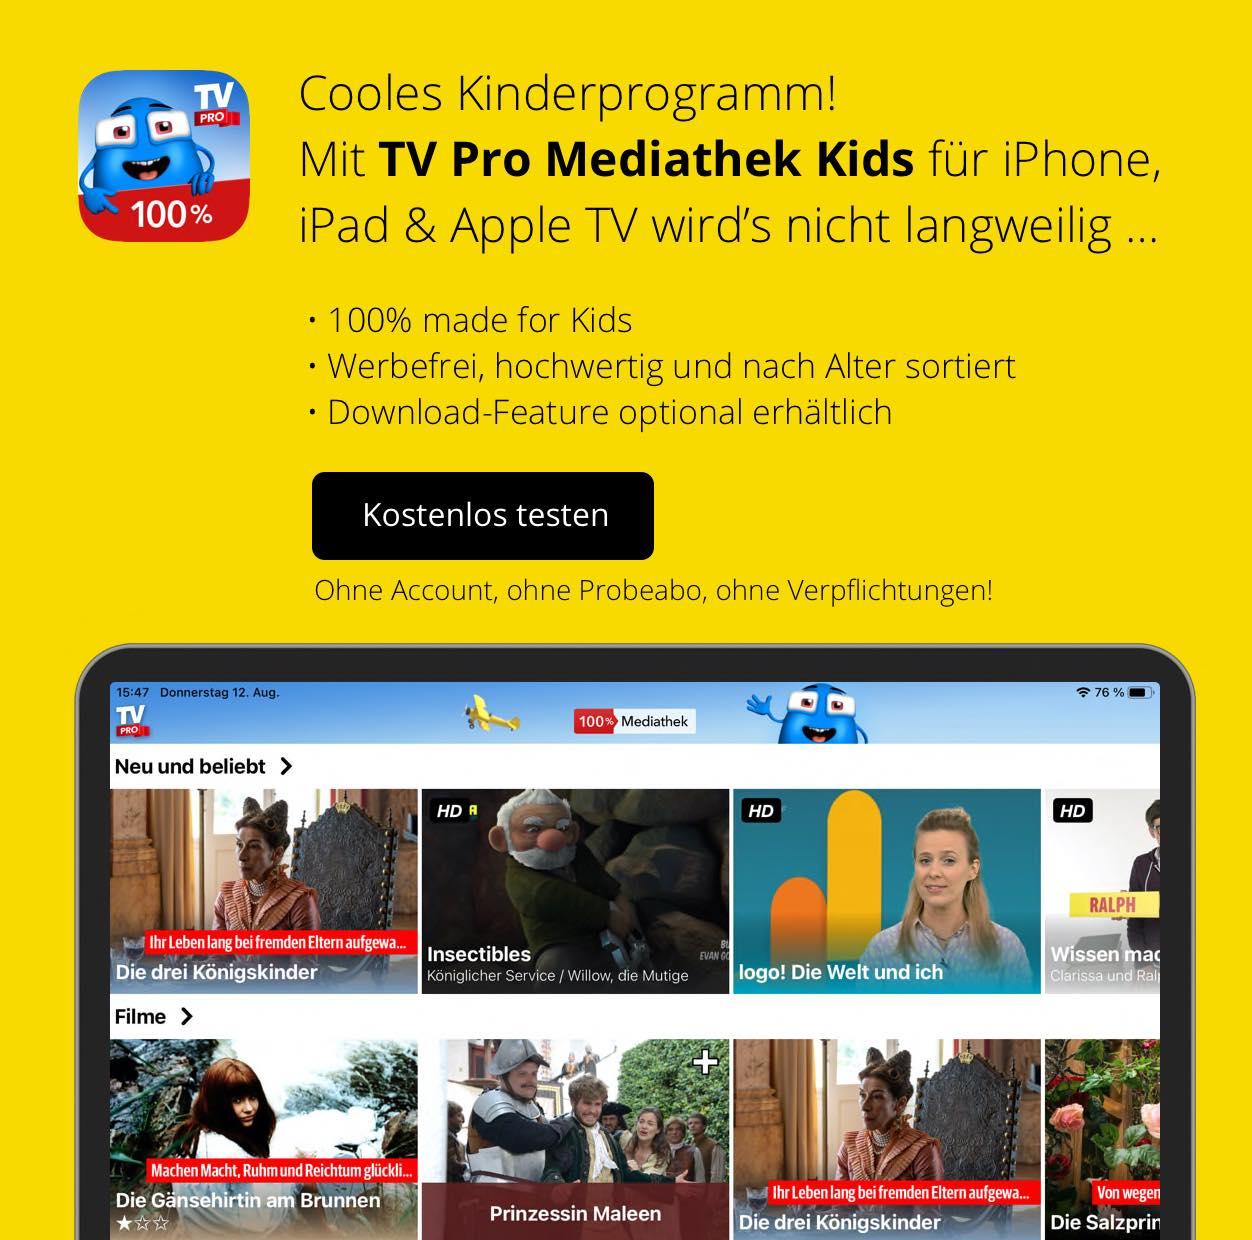 TV Pro Mediathek Kids